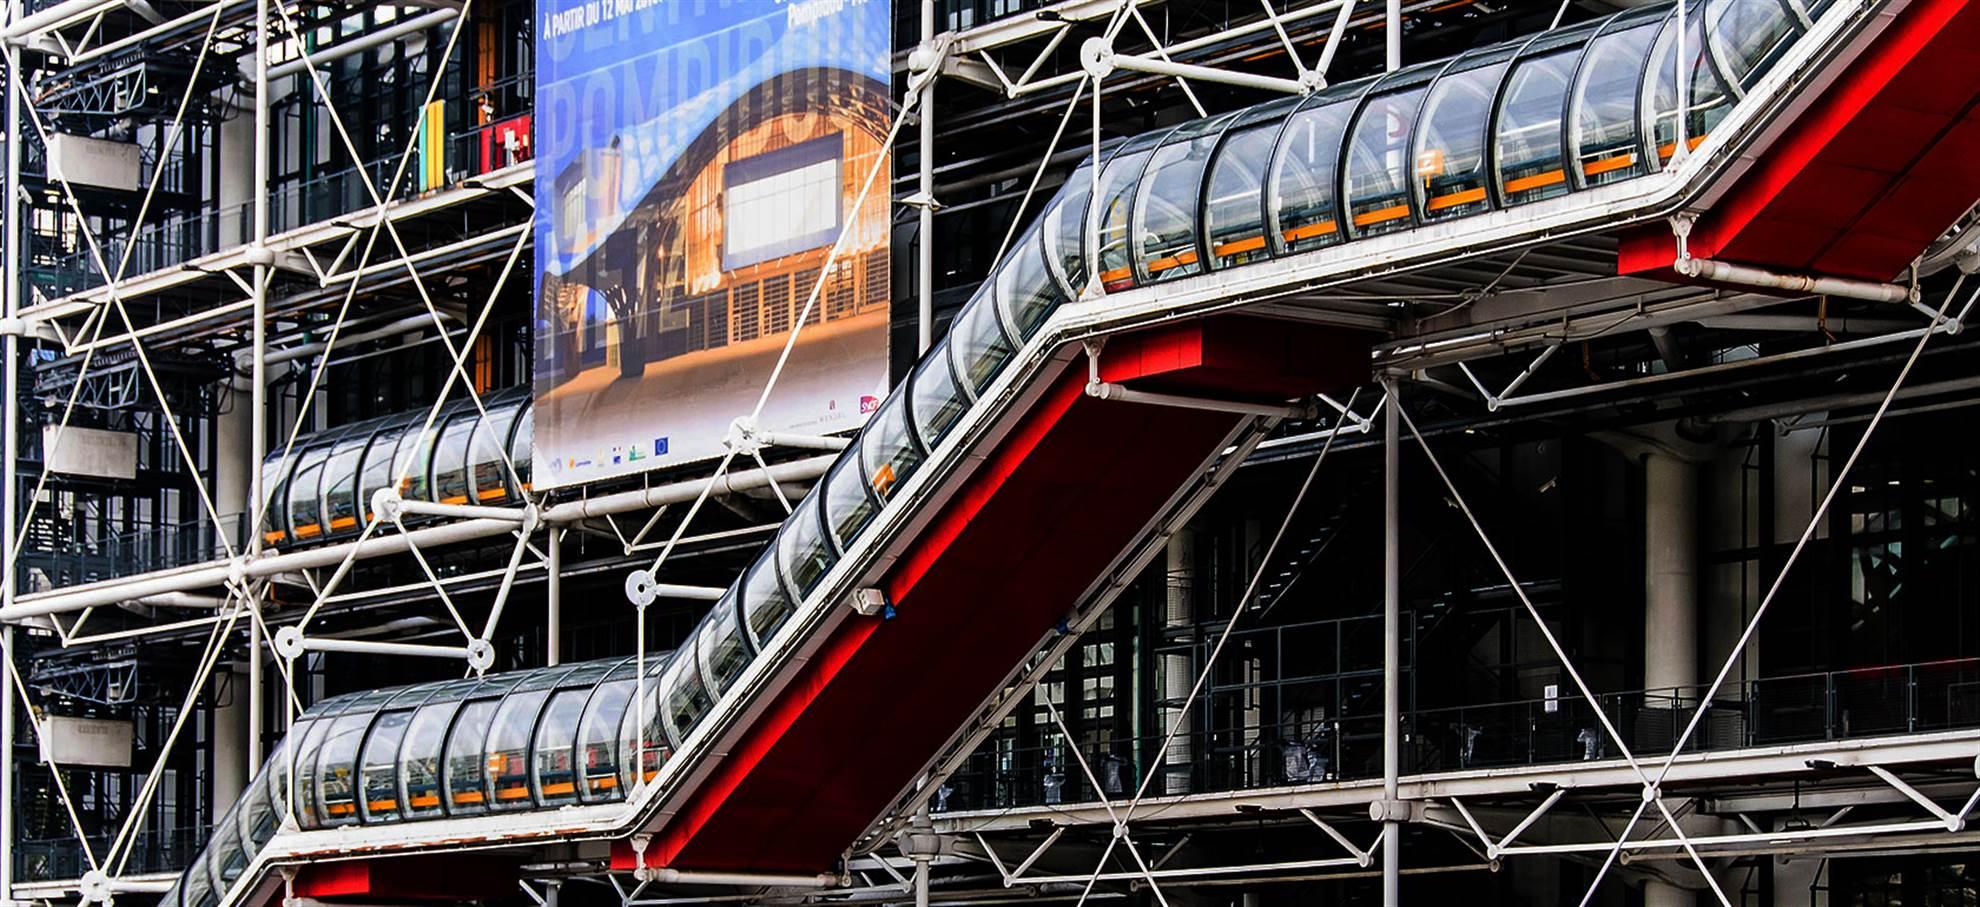 Centro Pompidou - Museu e Exposições